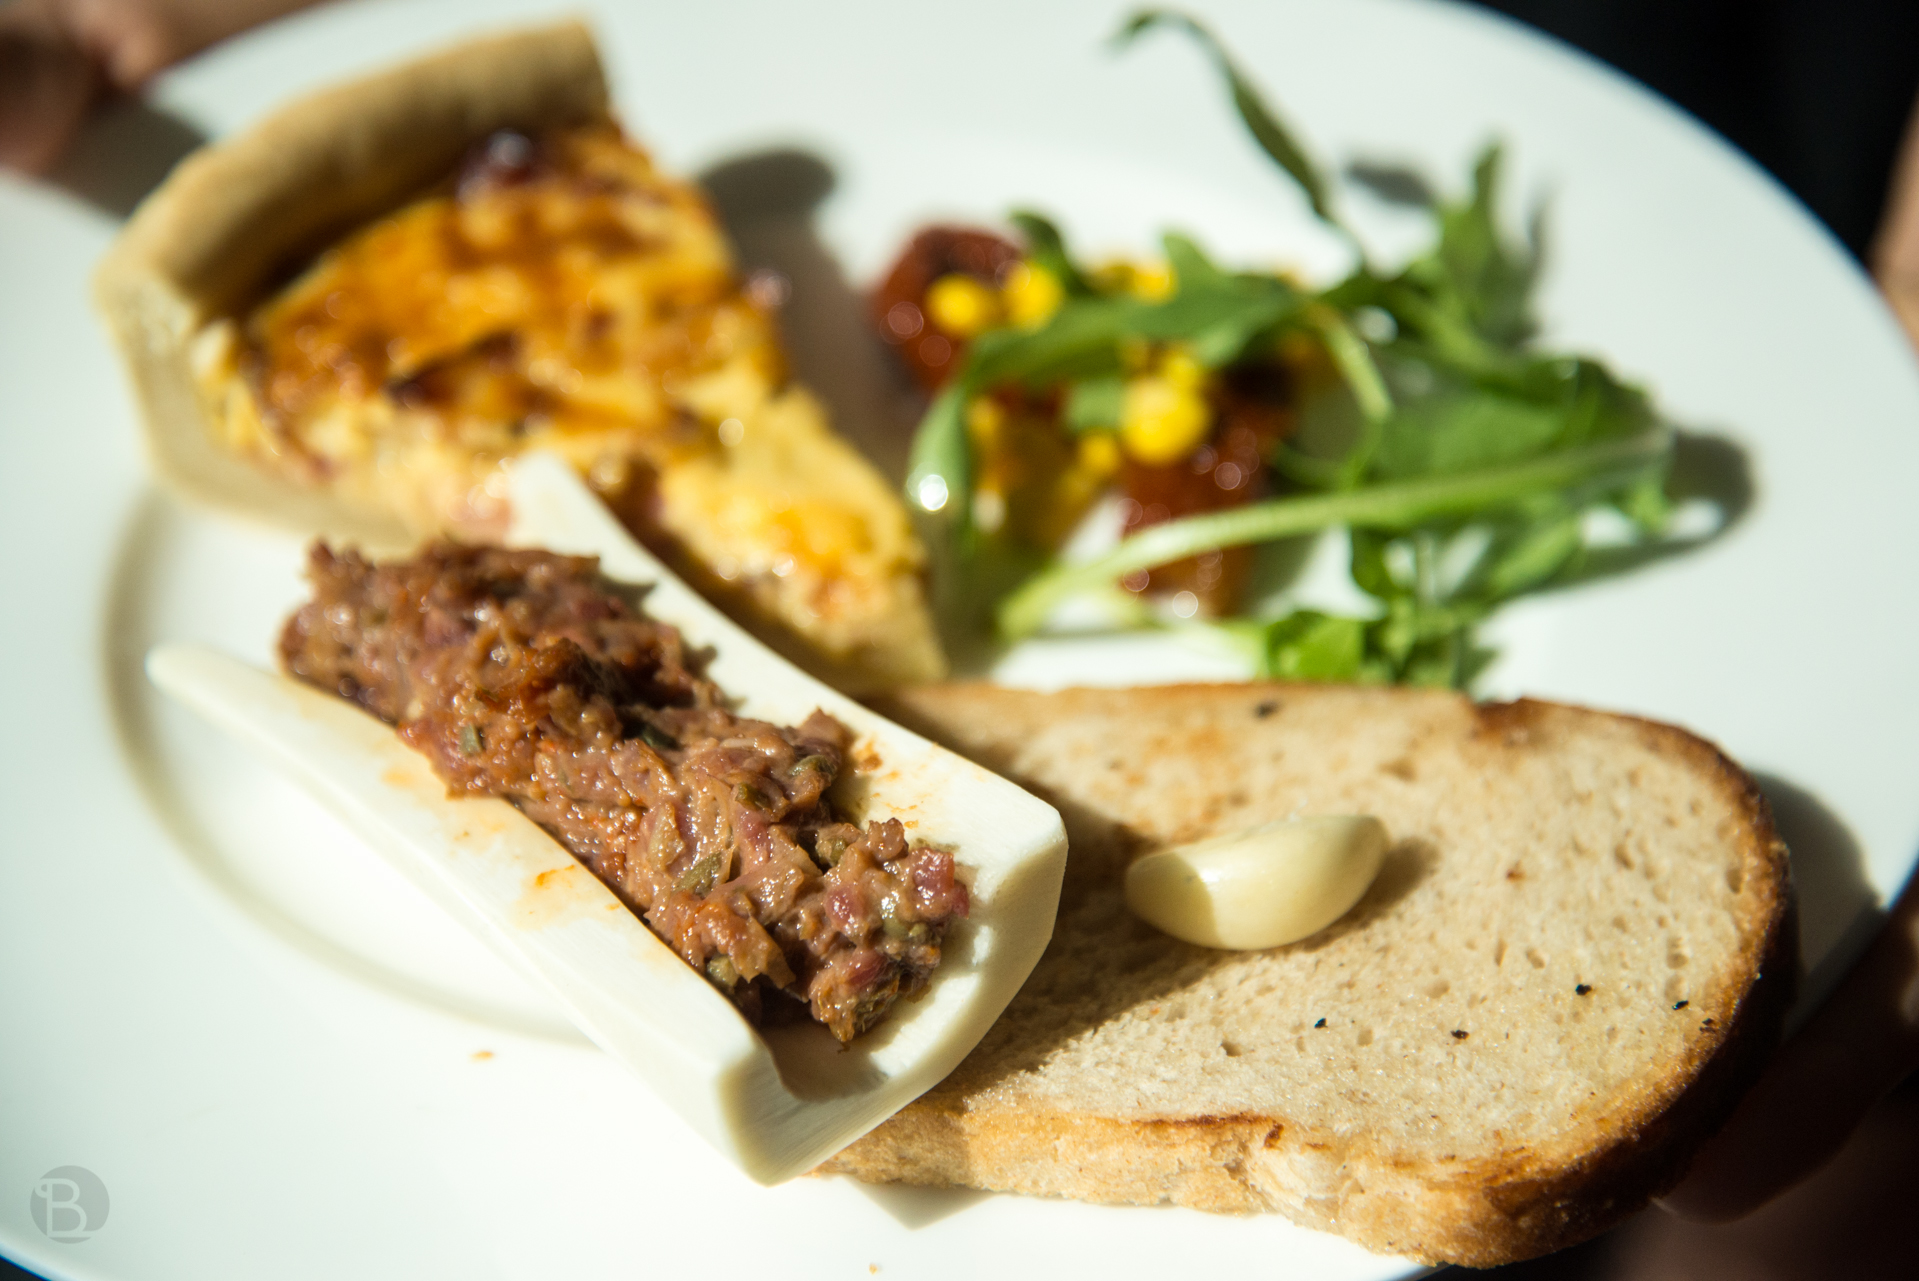 Brutálny quiche, tatarák v špikovej kosti, zeleninka, hrianka a cesnak.